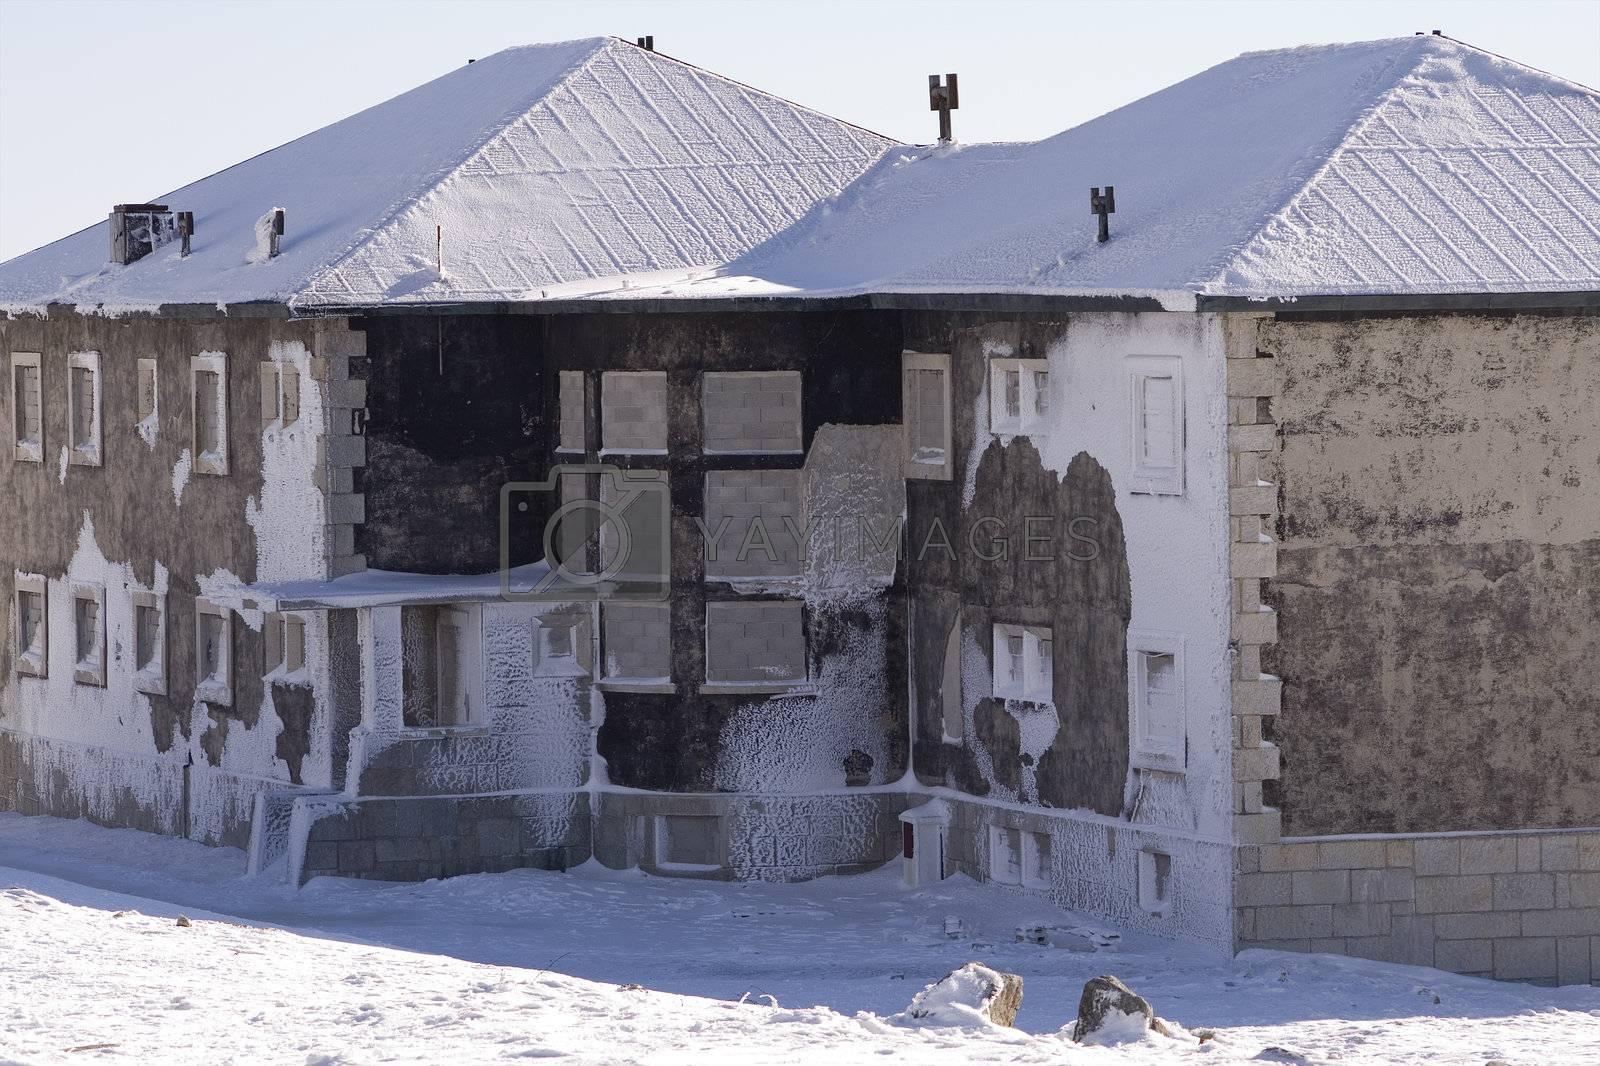 Frozen house by PauloResende